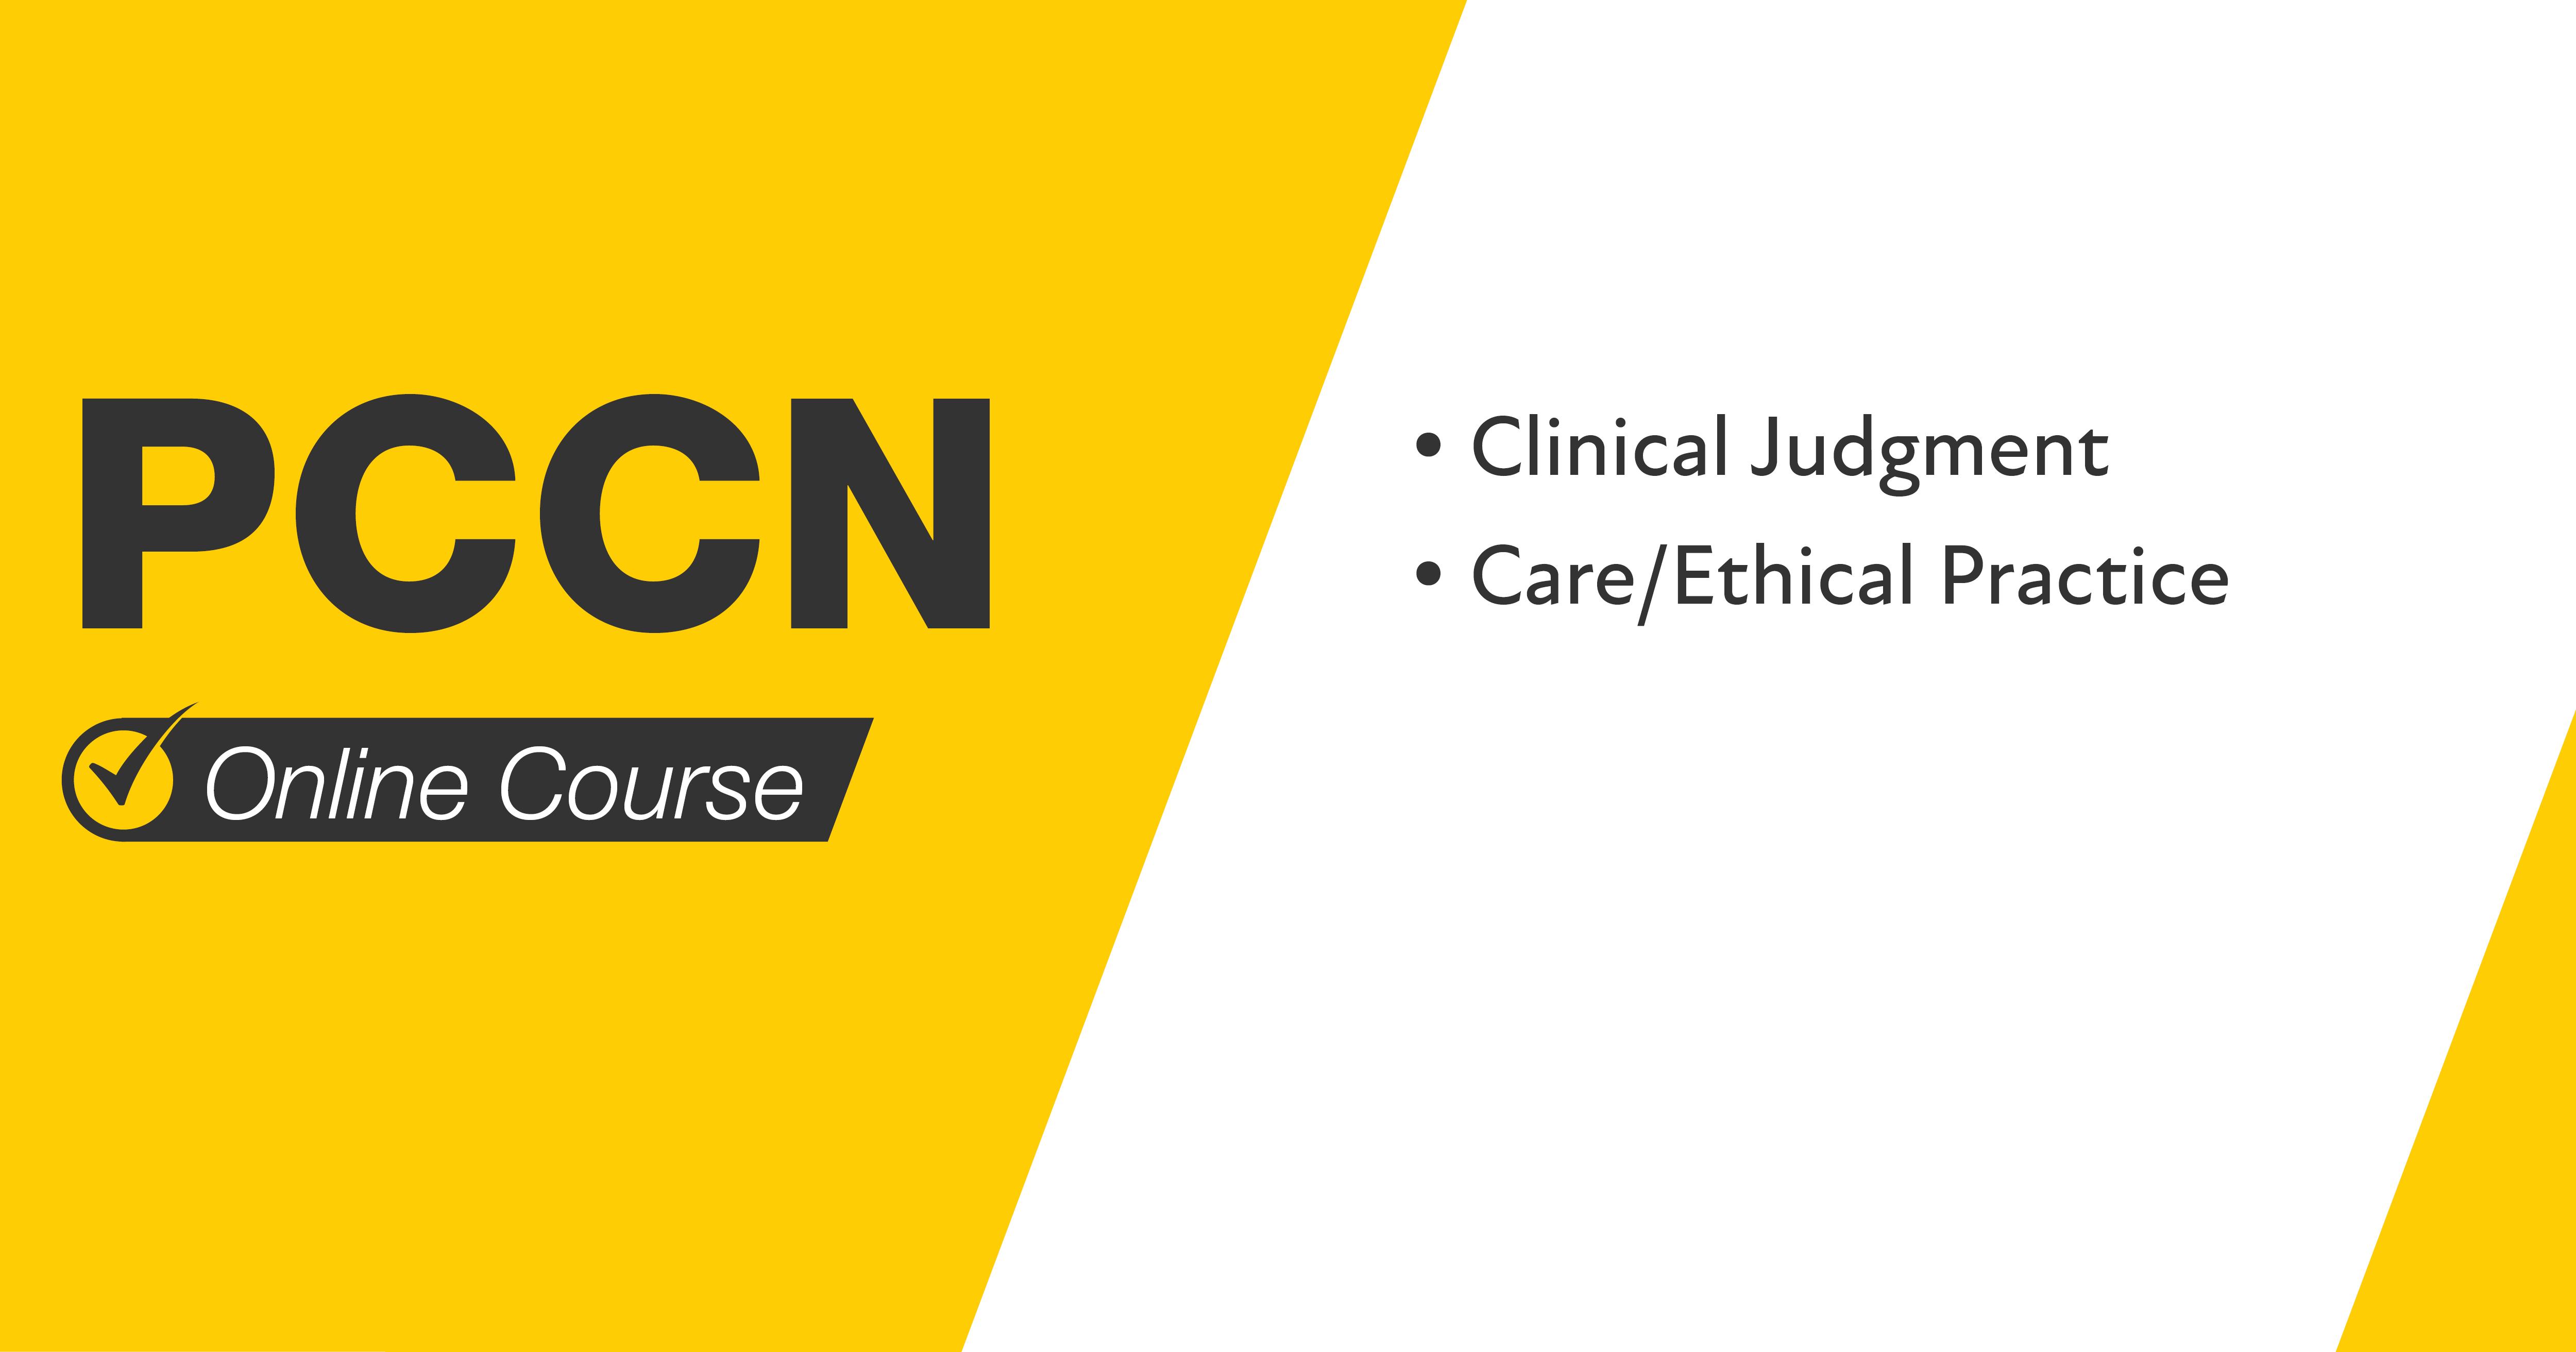 PCCN Online Course